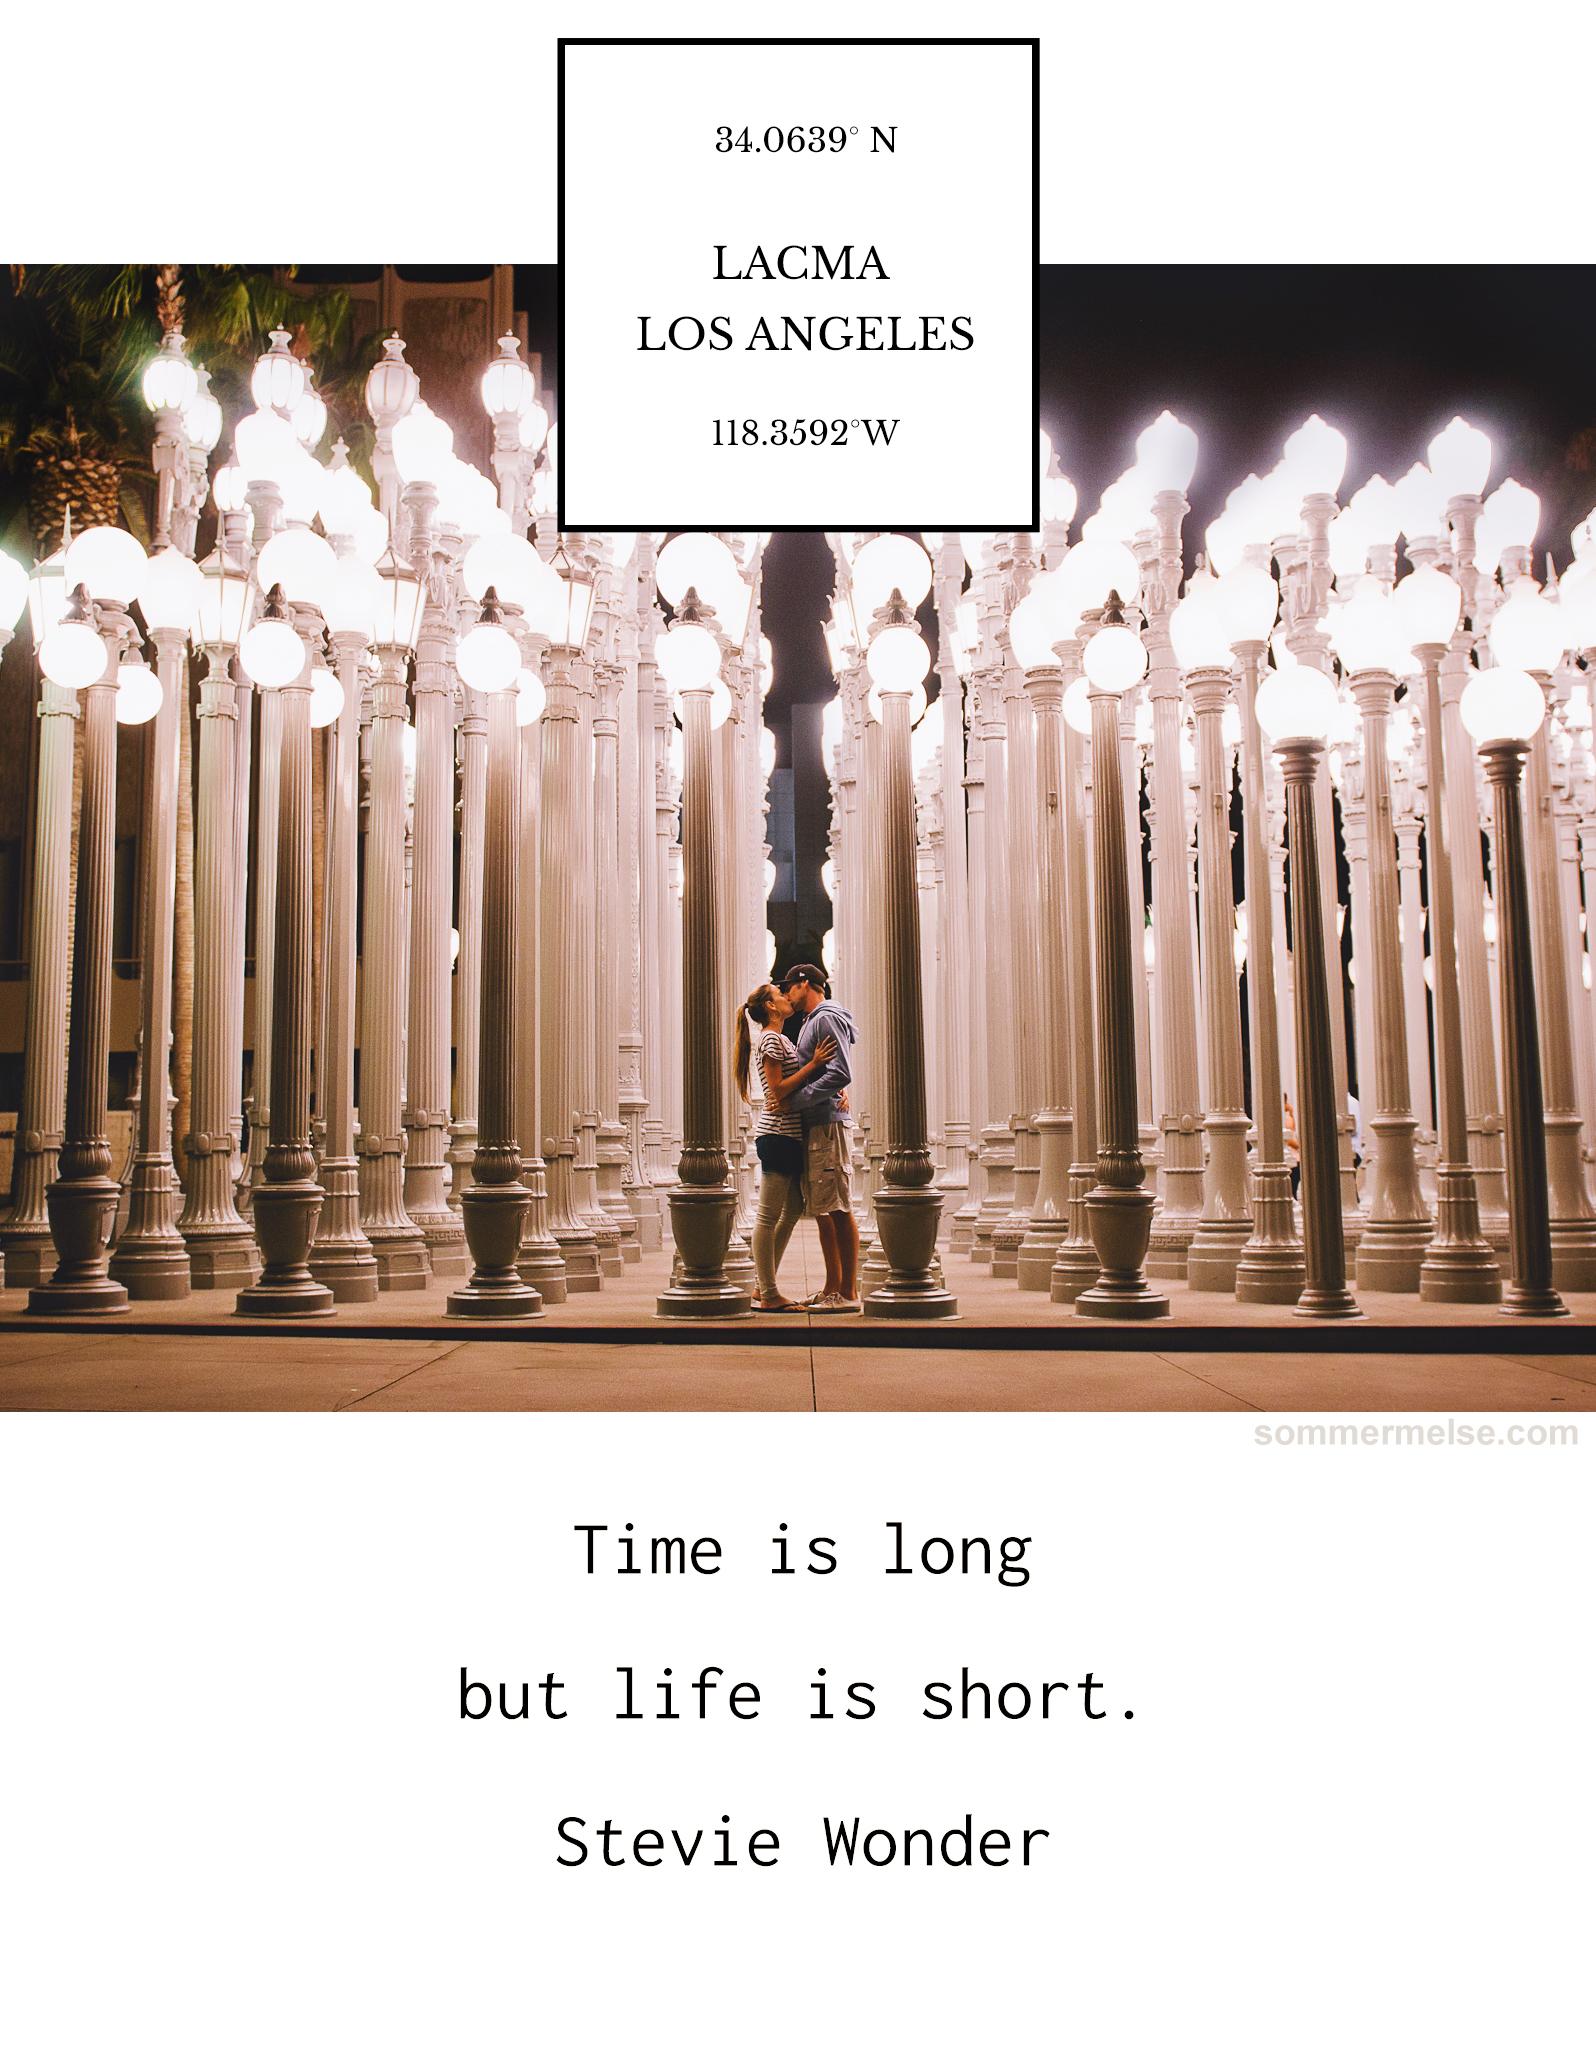 98_finding_wonder_time_is_long_stevie_wonder